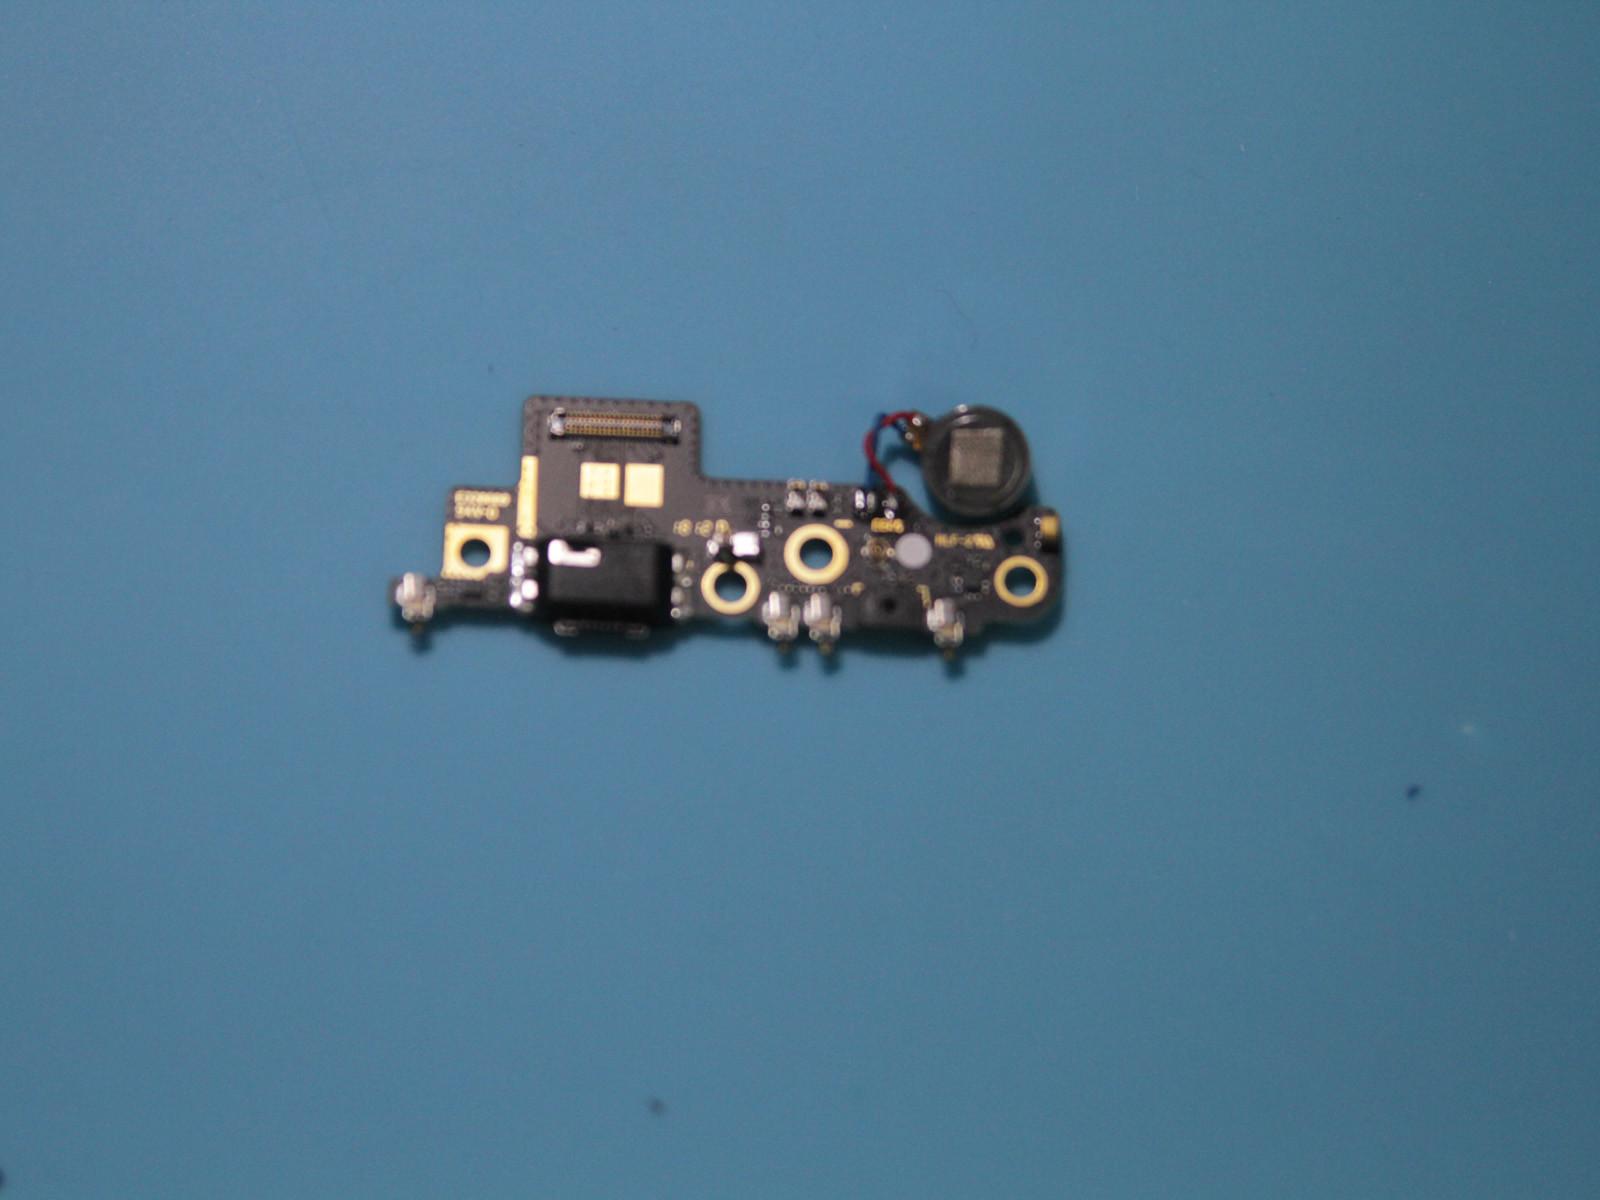 努比亚红魔电竞游戏手机(64GB)拆机图赏第8张